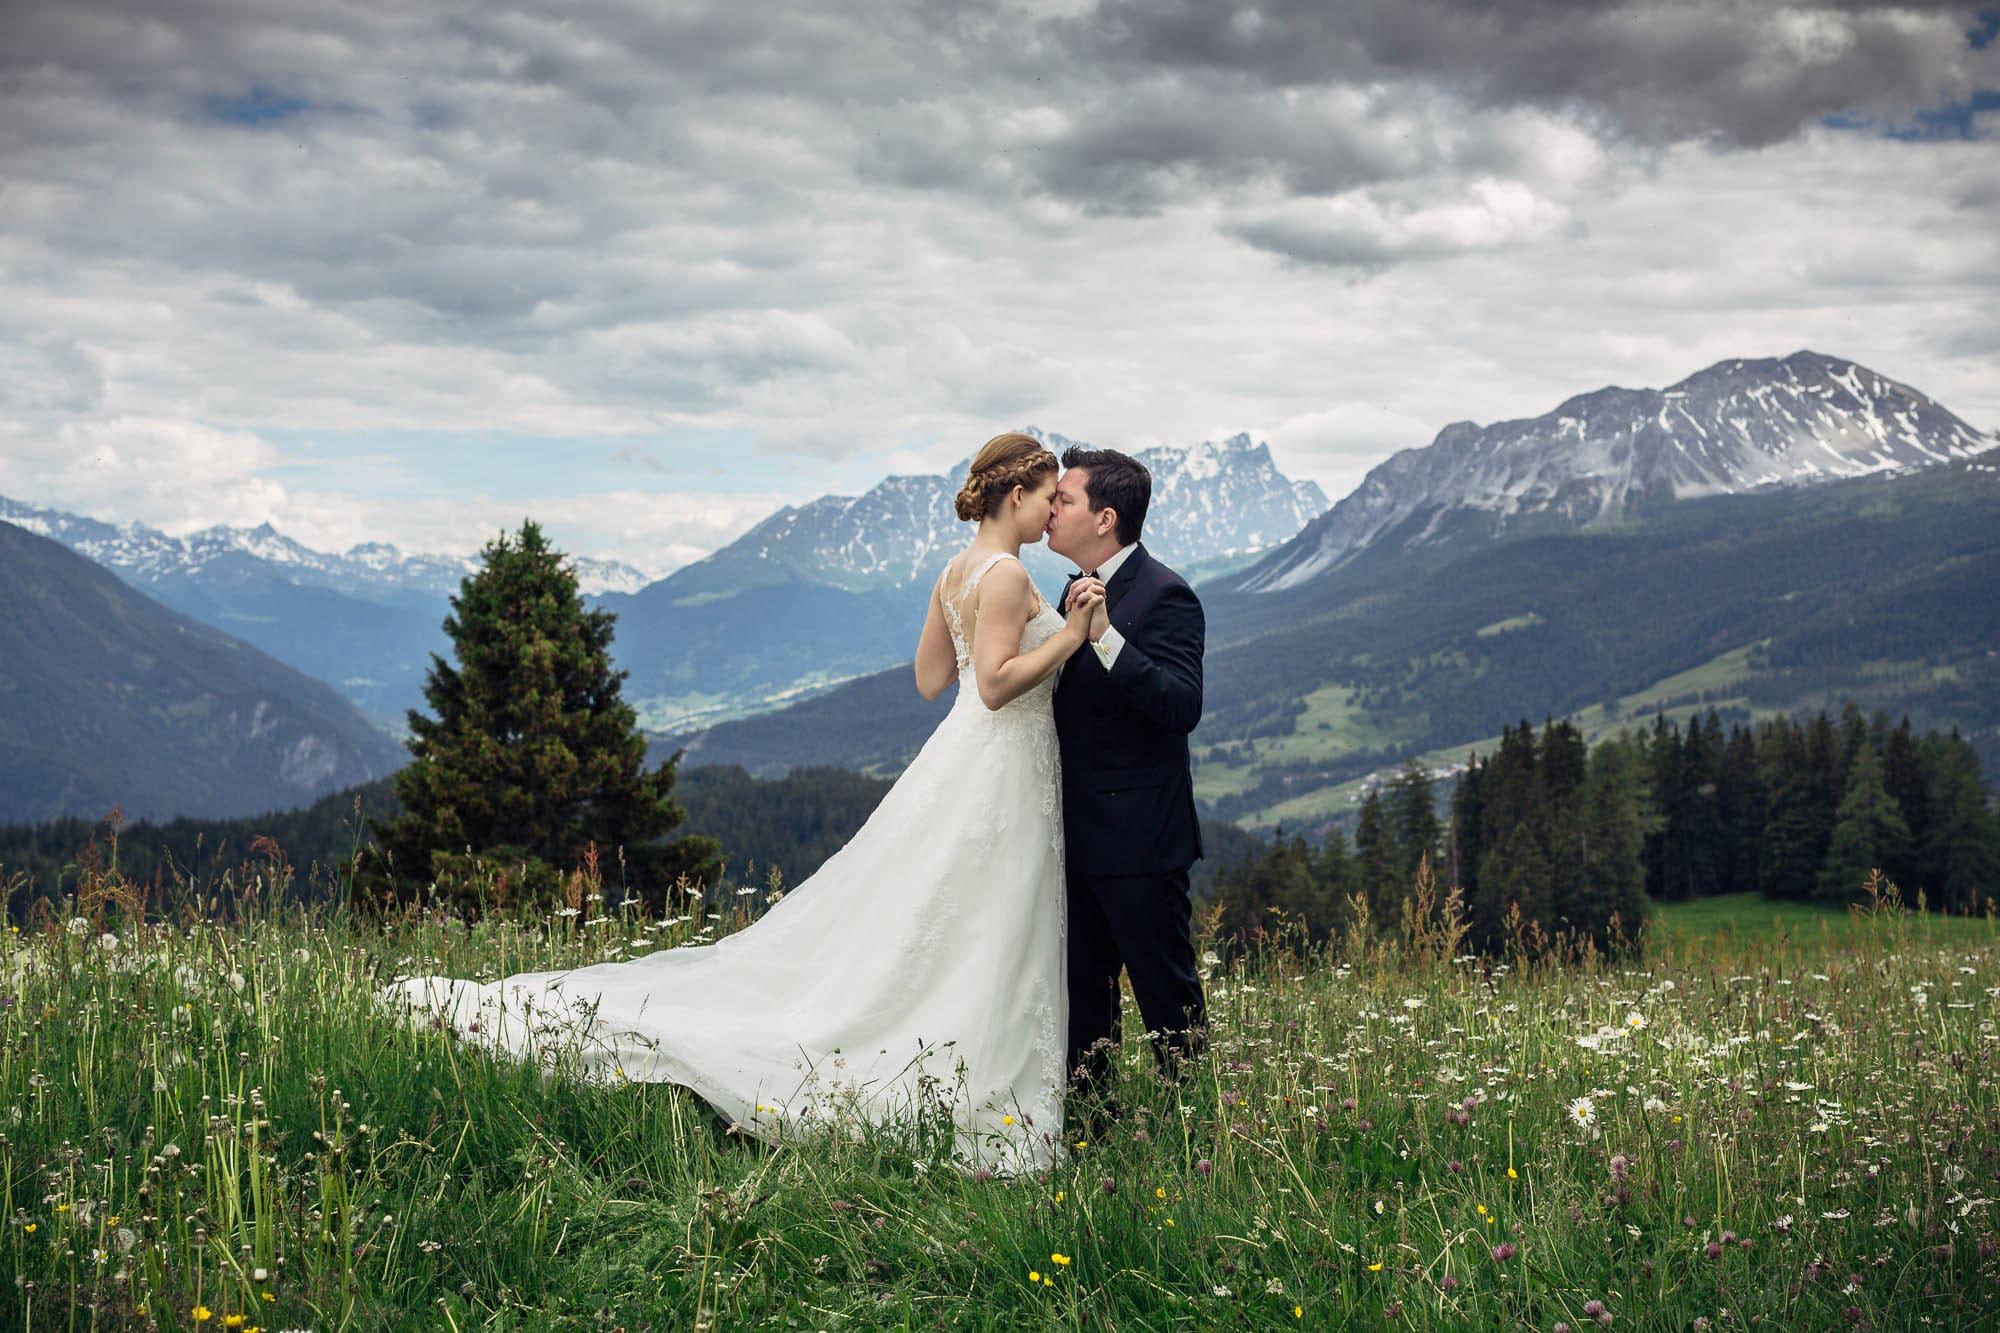 Brautpaar küsst sich auf Blumenwiese mit Berge im Hintergrund